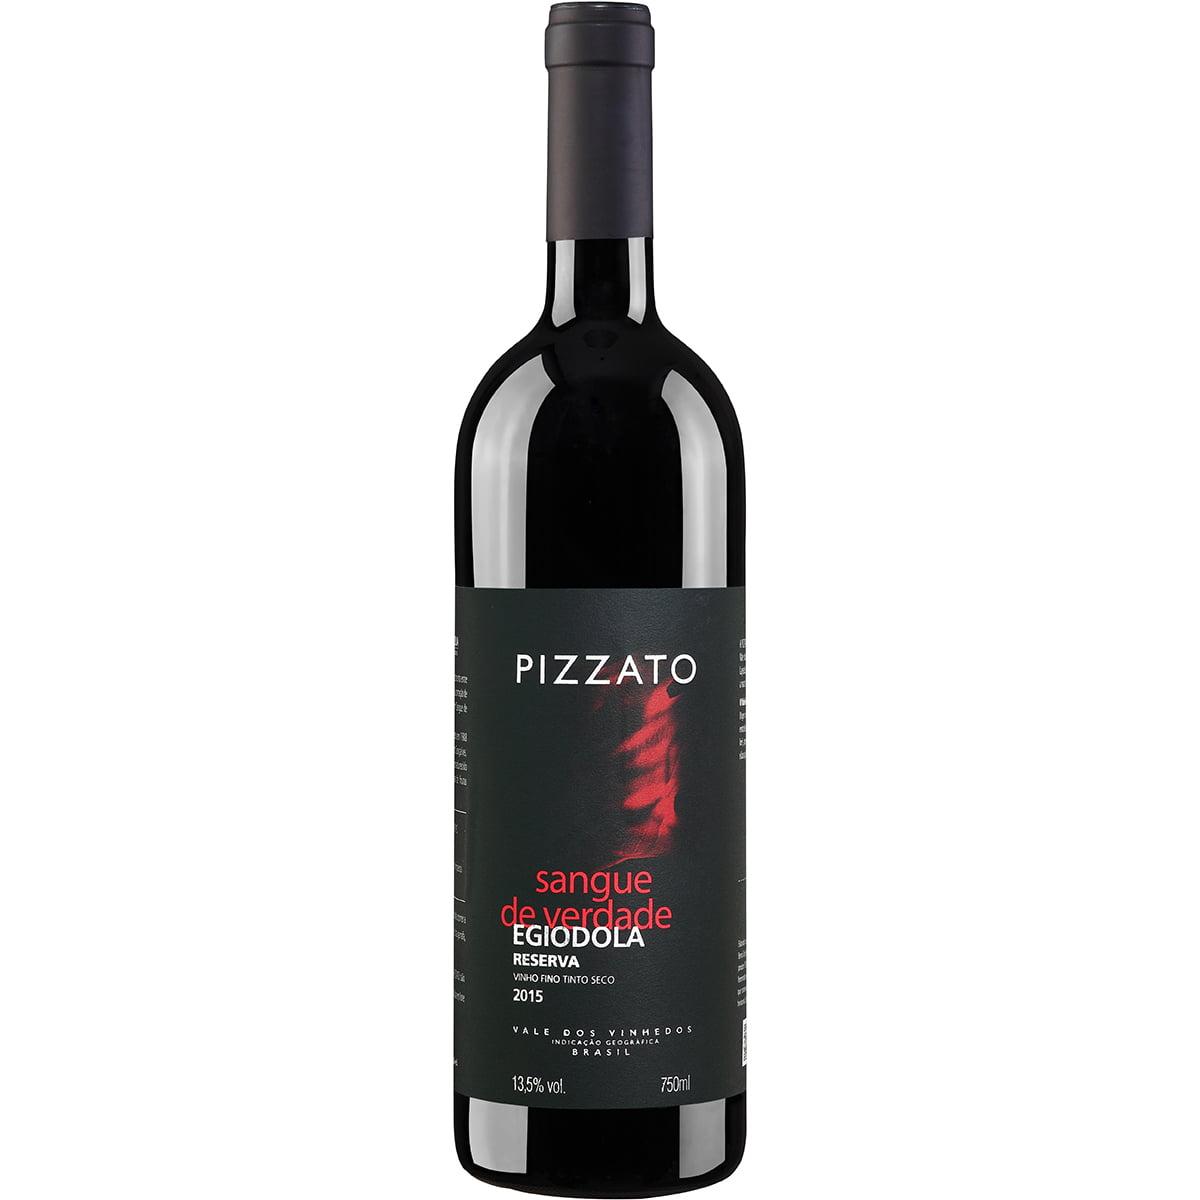 Vinho Pizzato Reserva Egiodola Tinto Seco 750ml